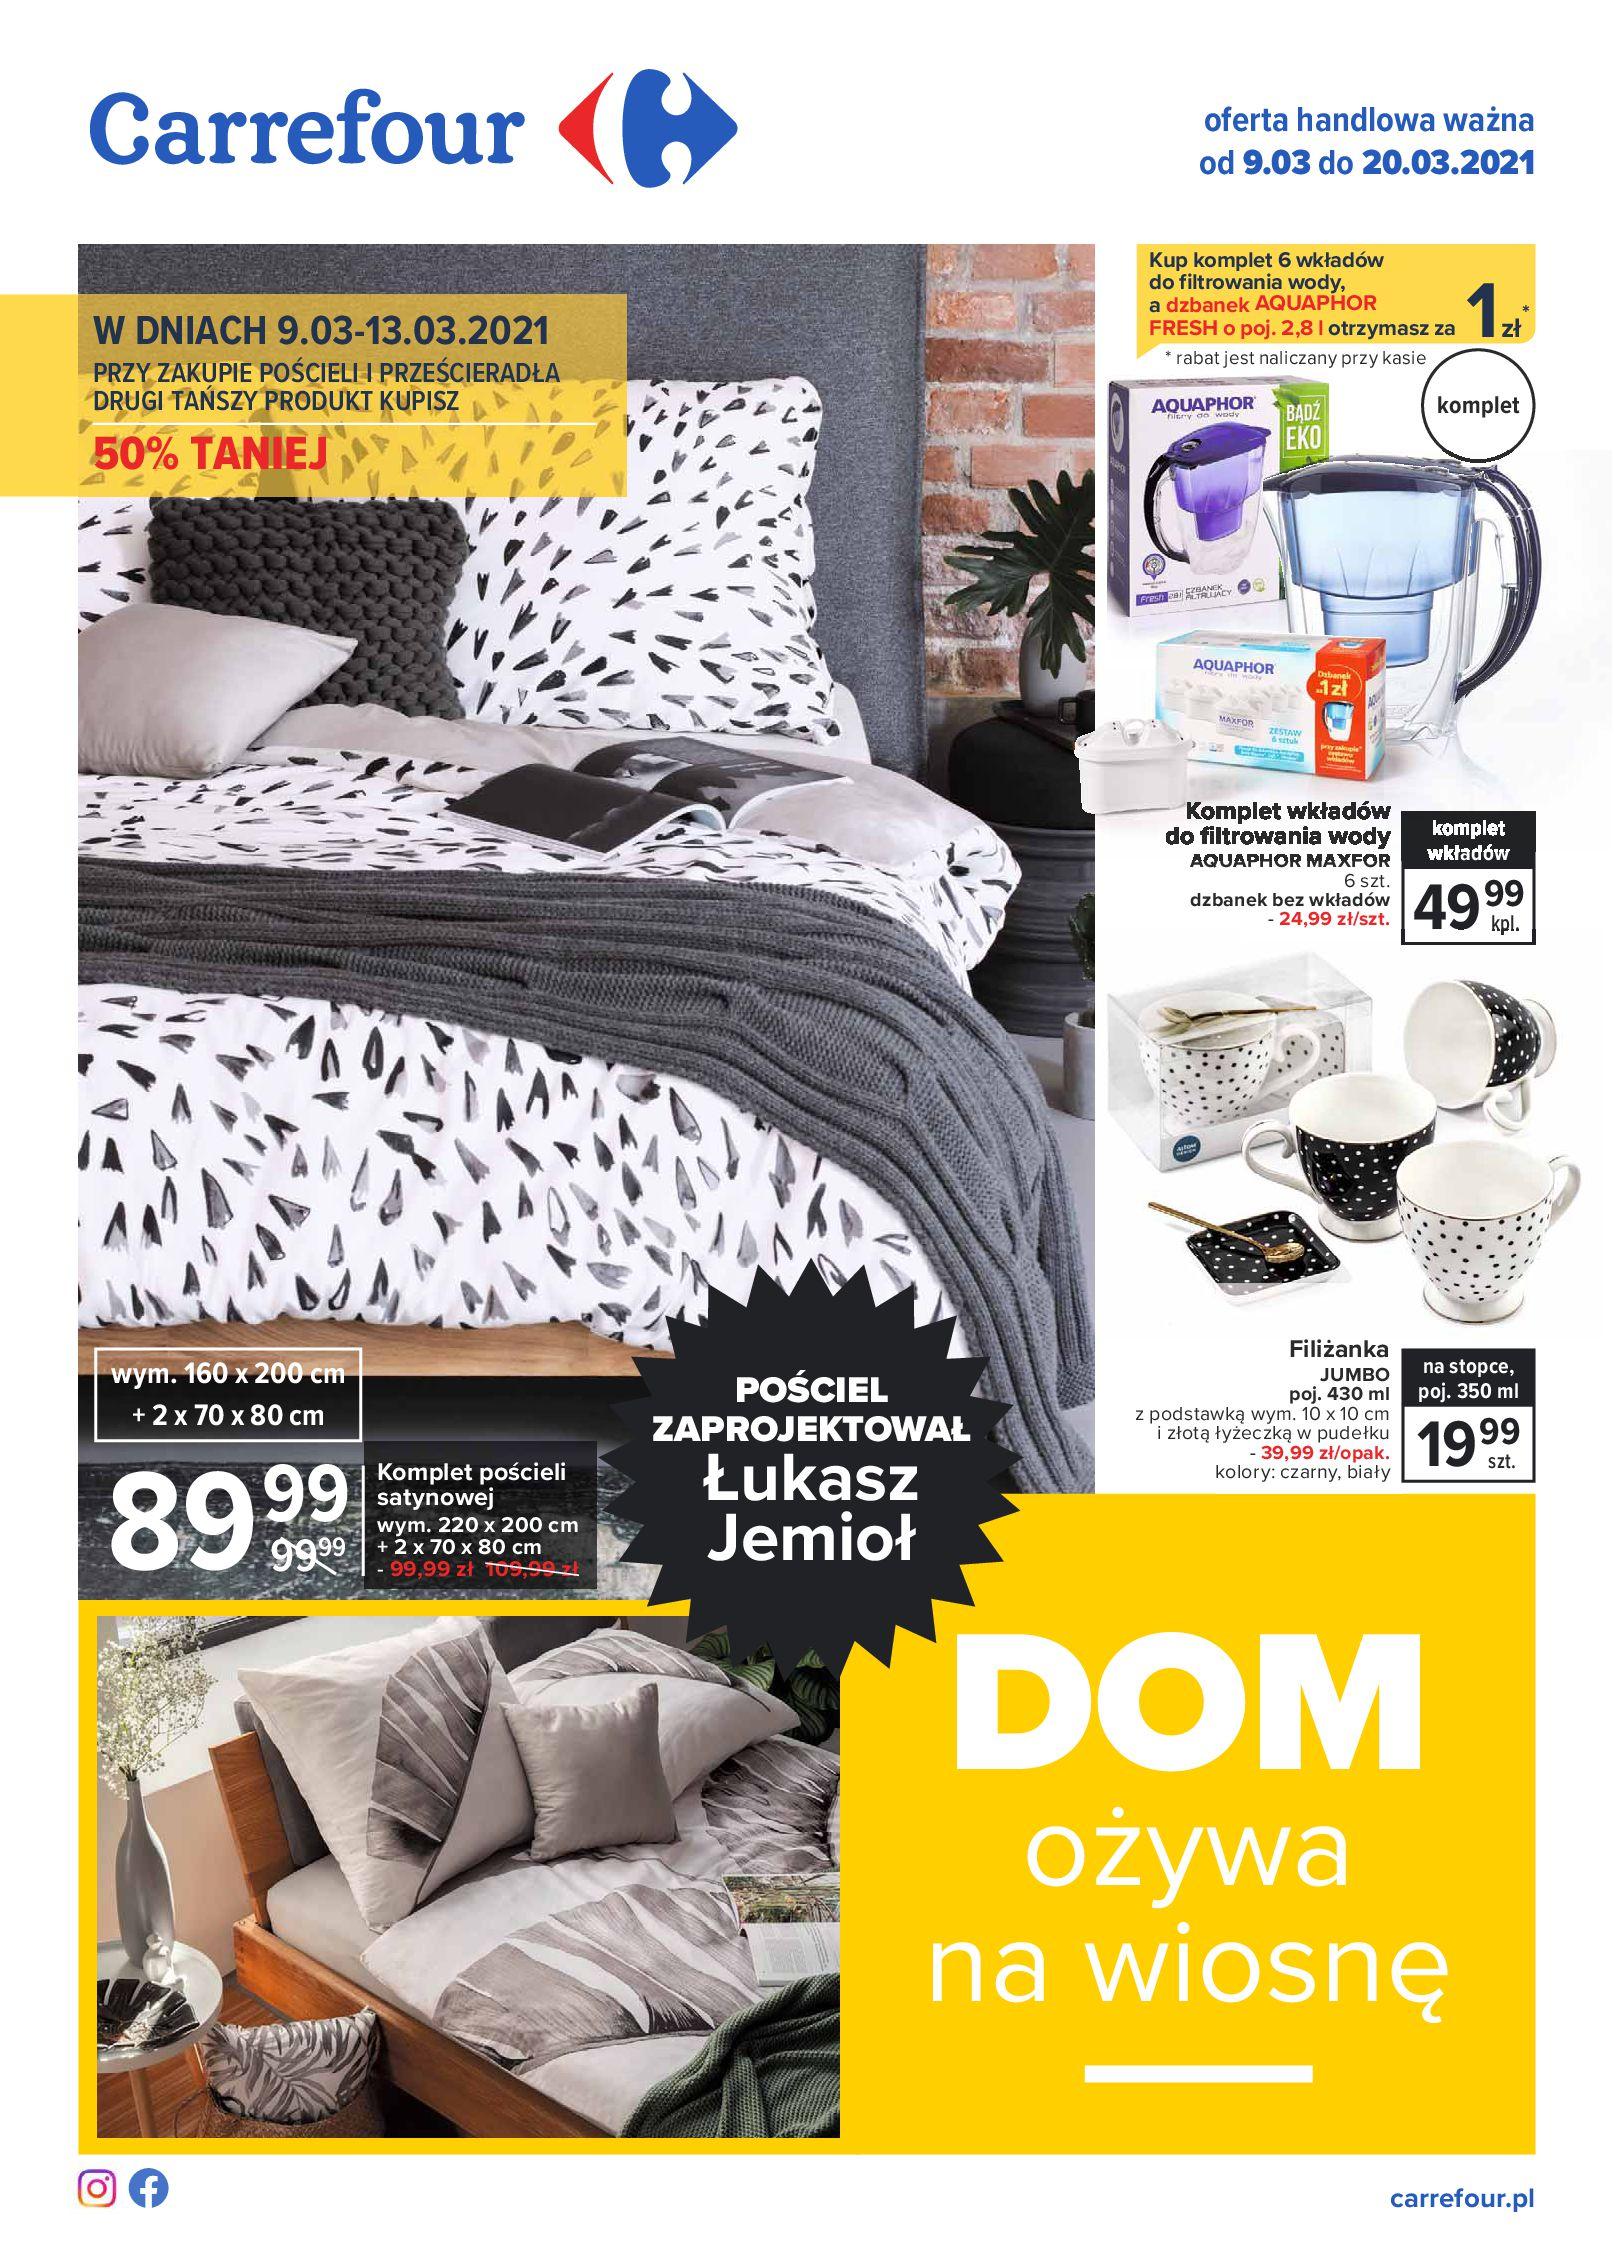 Carrefour:  Katalog - Dom ożywa na wiosnę 08.03.2021